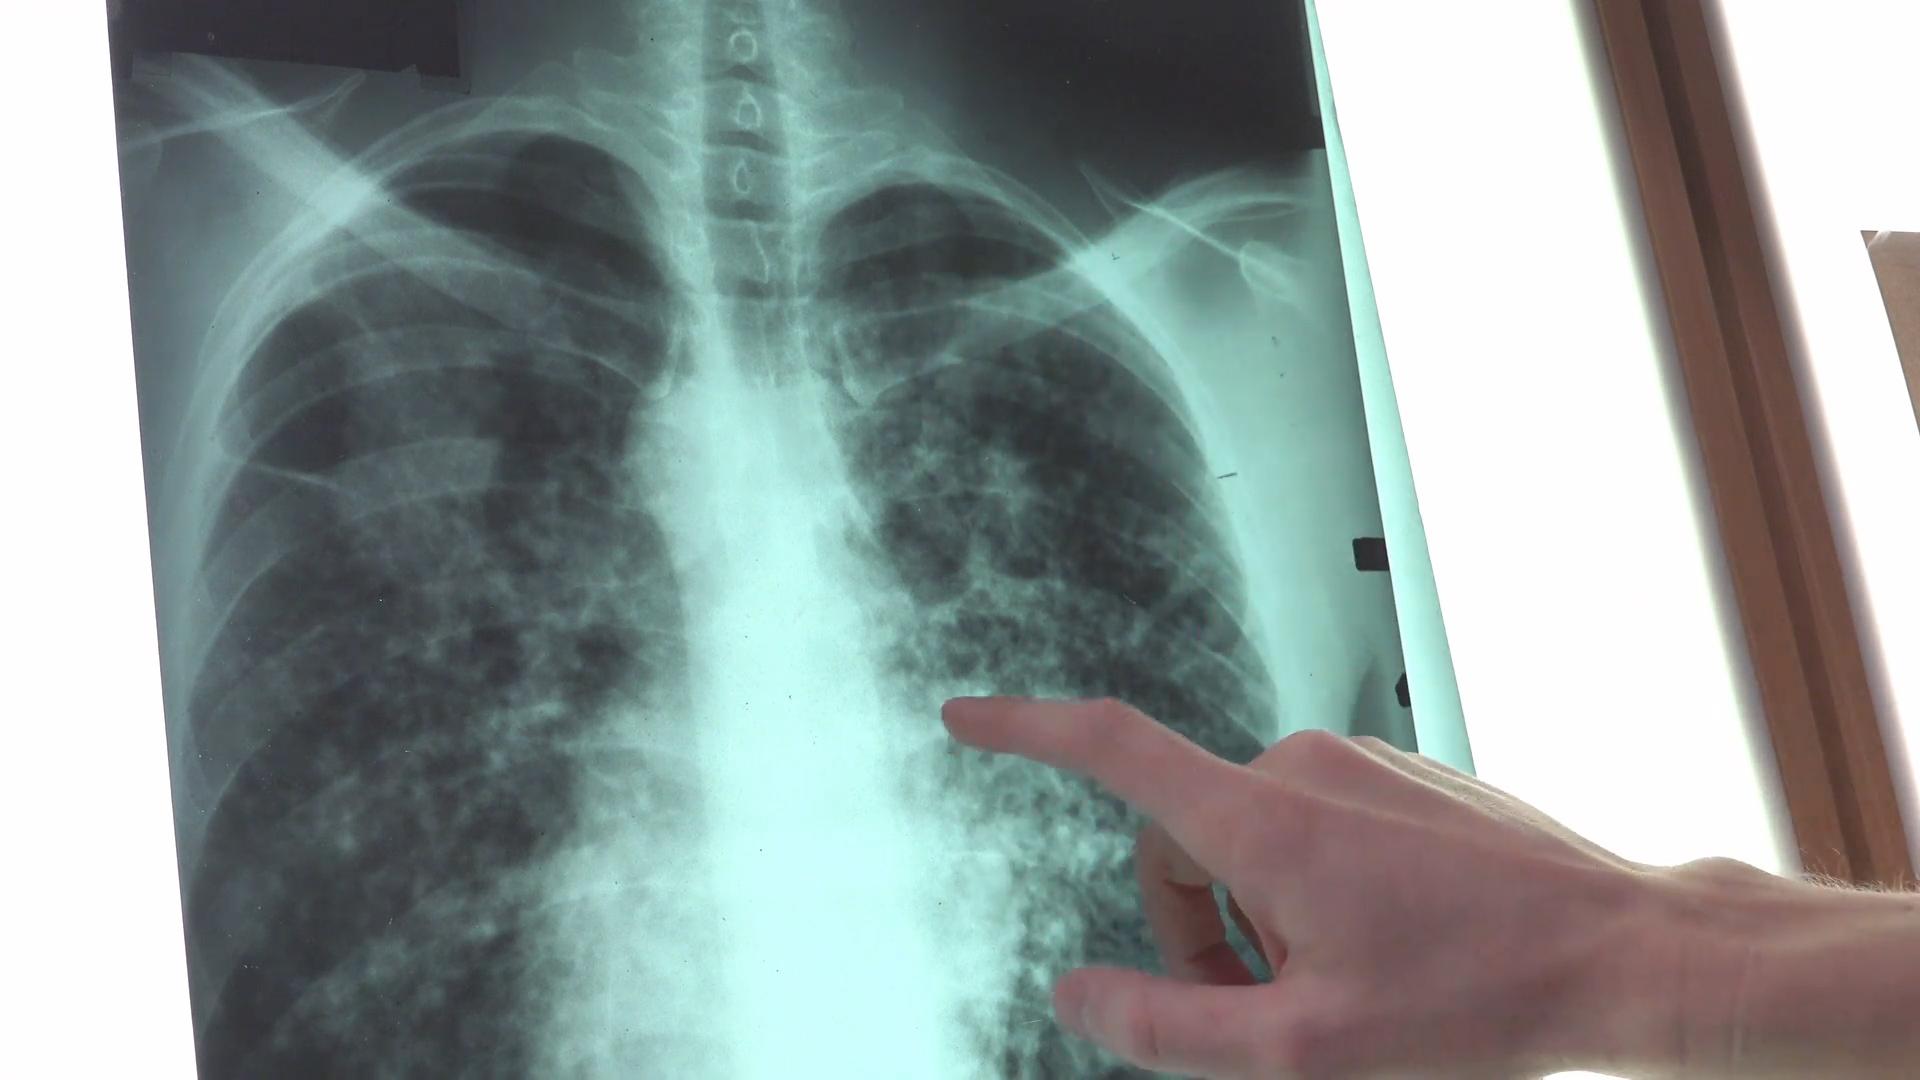 Rak płuc - zabójca numer 1